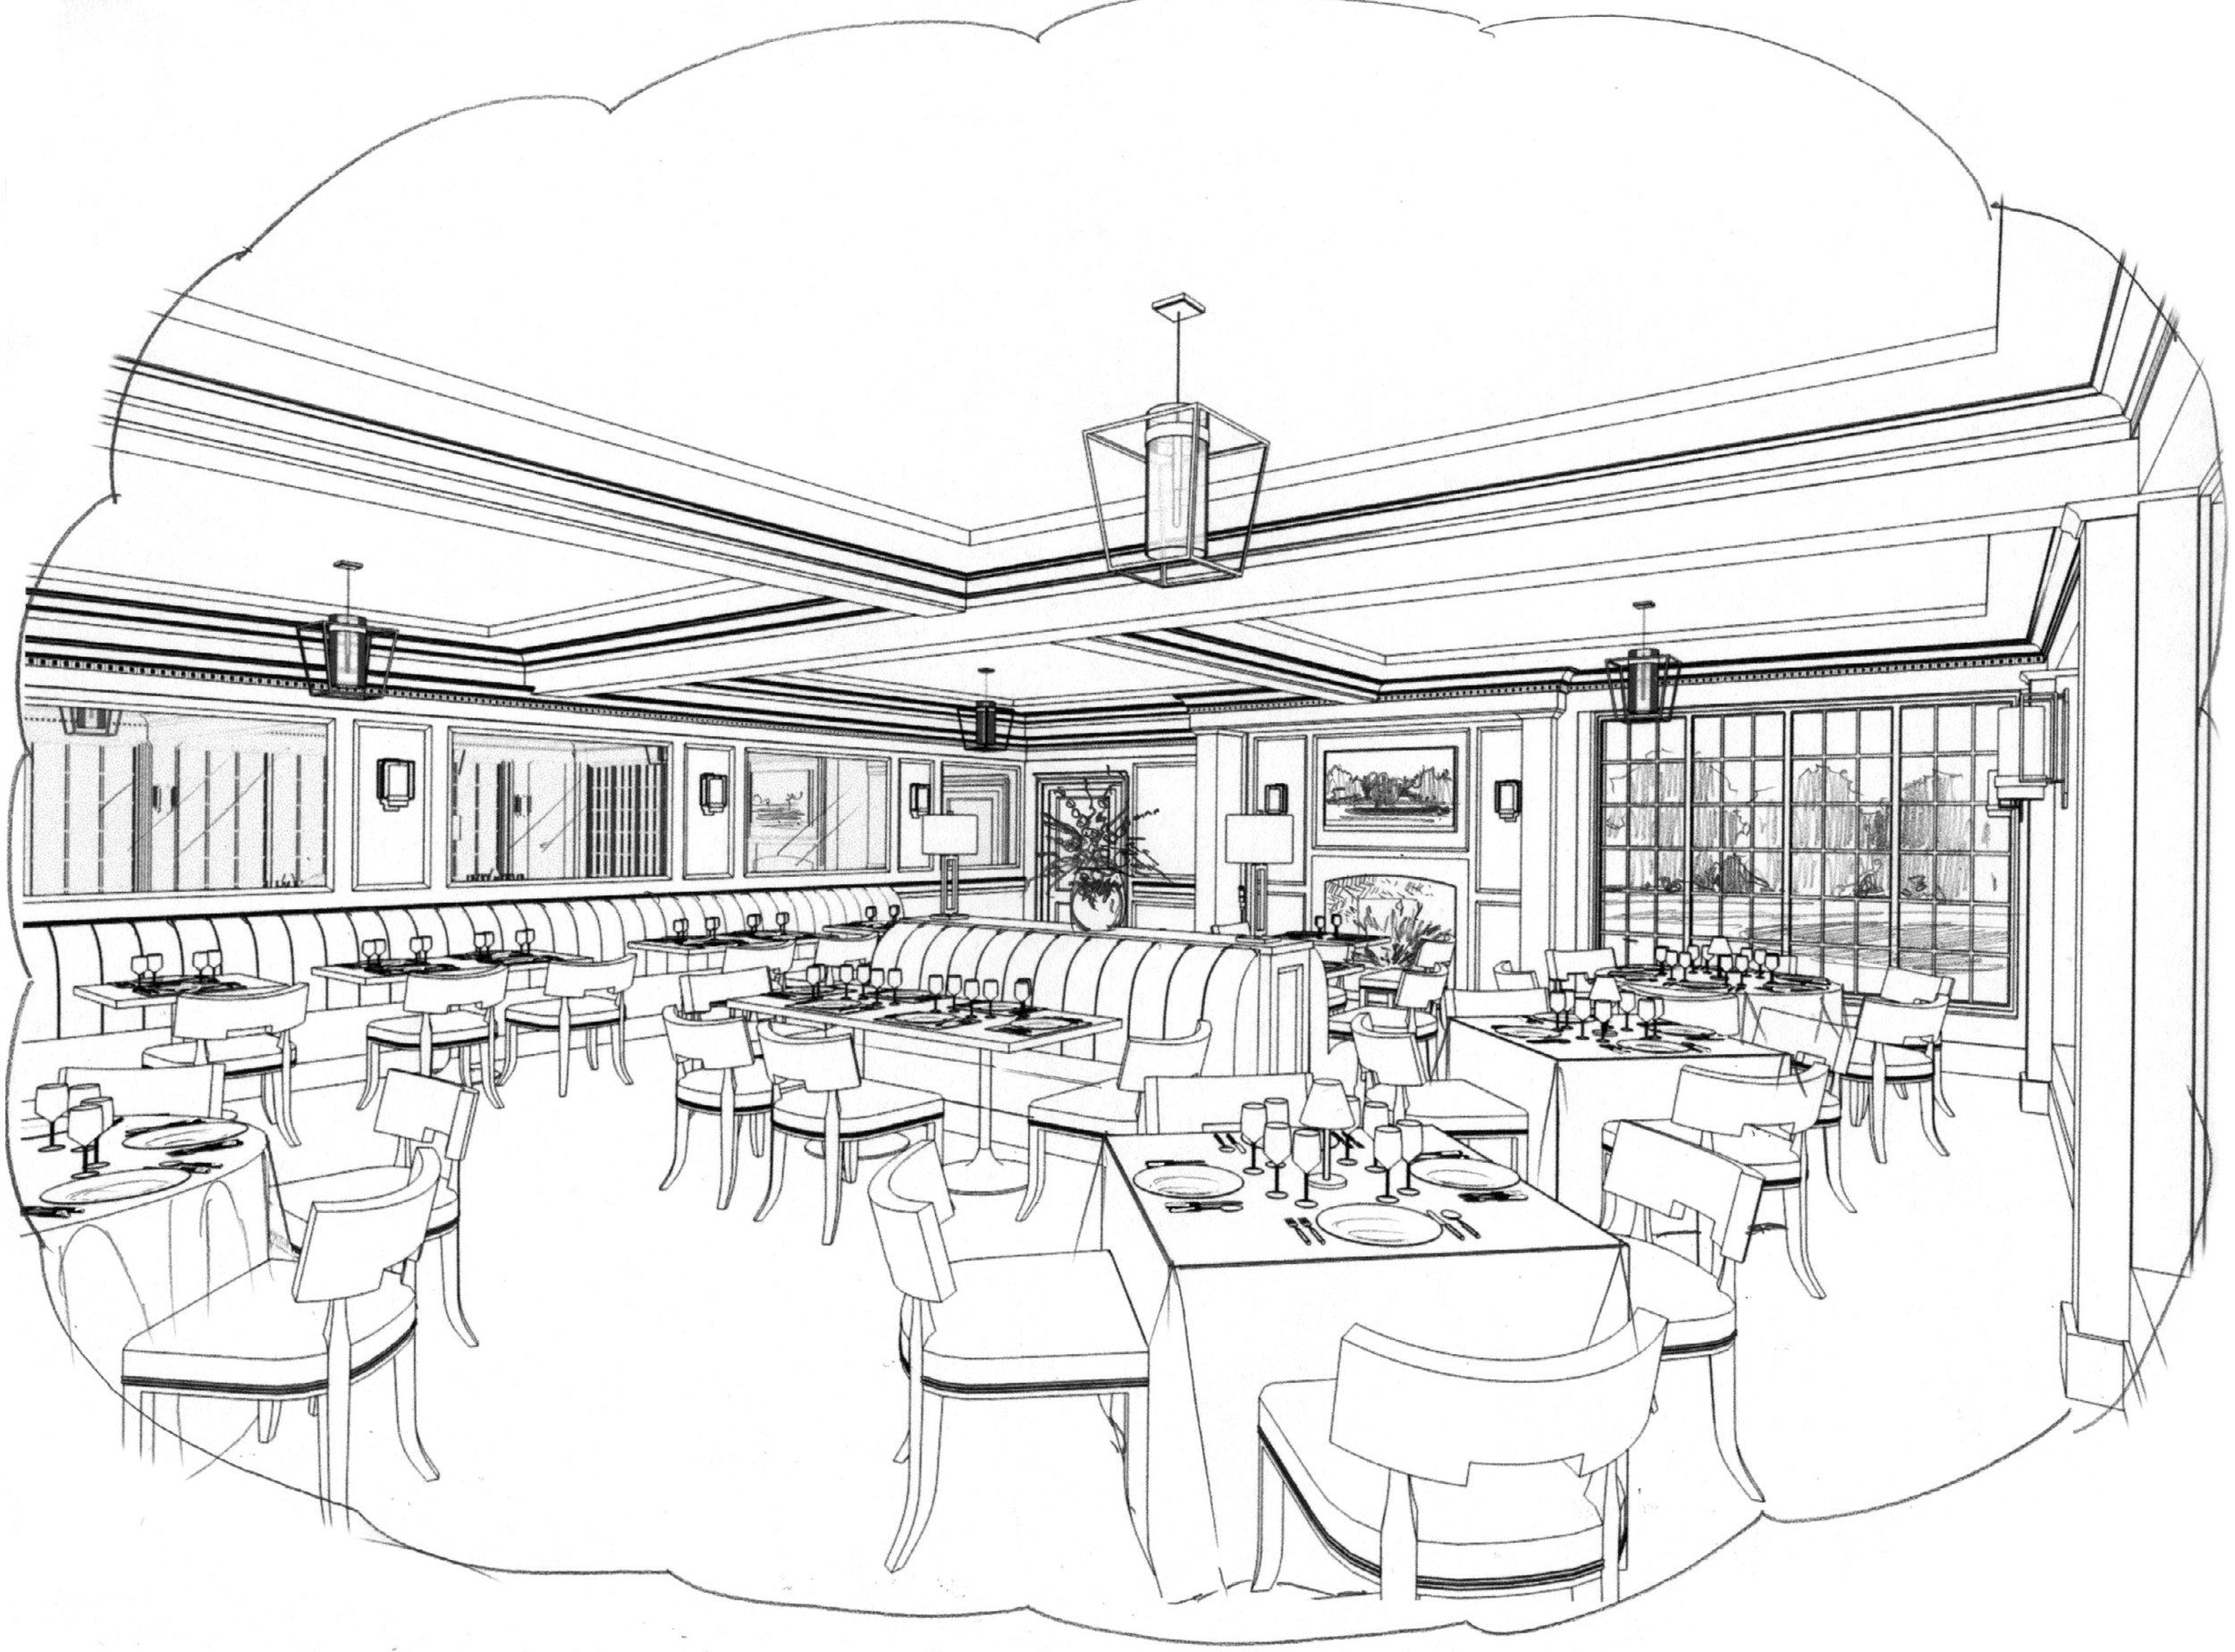 GreenwichCC_Plans-Renderings 2.jpg